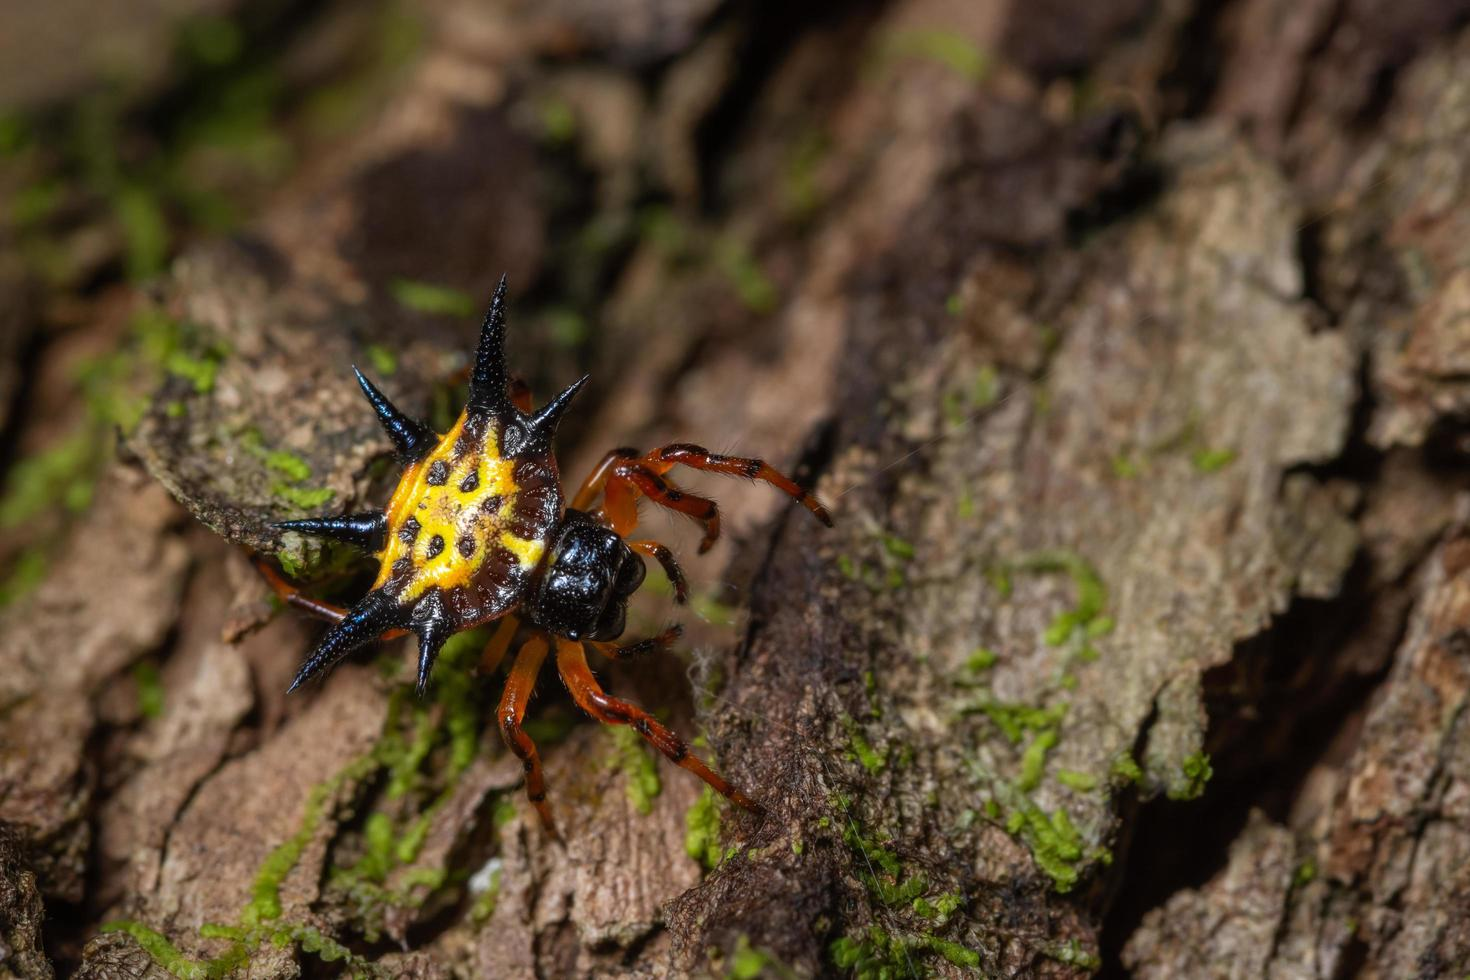 Spinne auf einem Baum foto